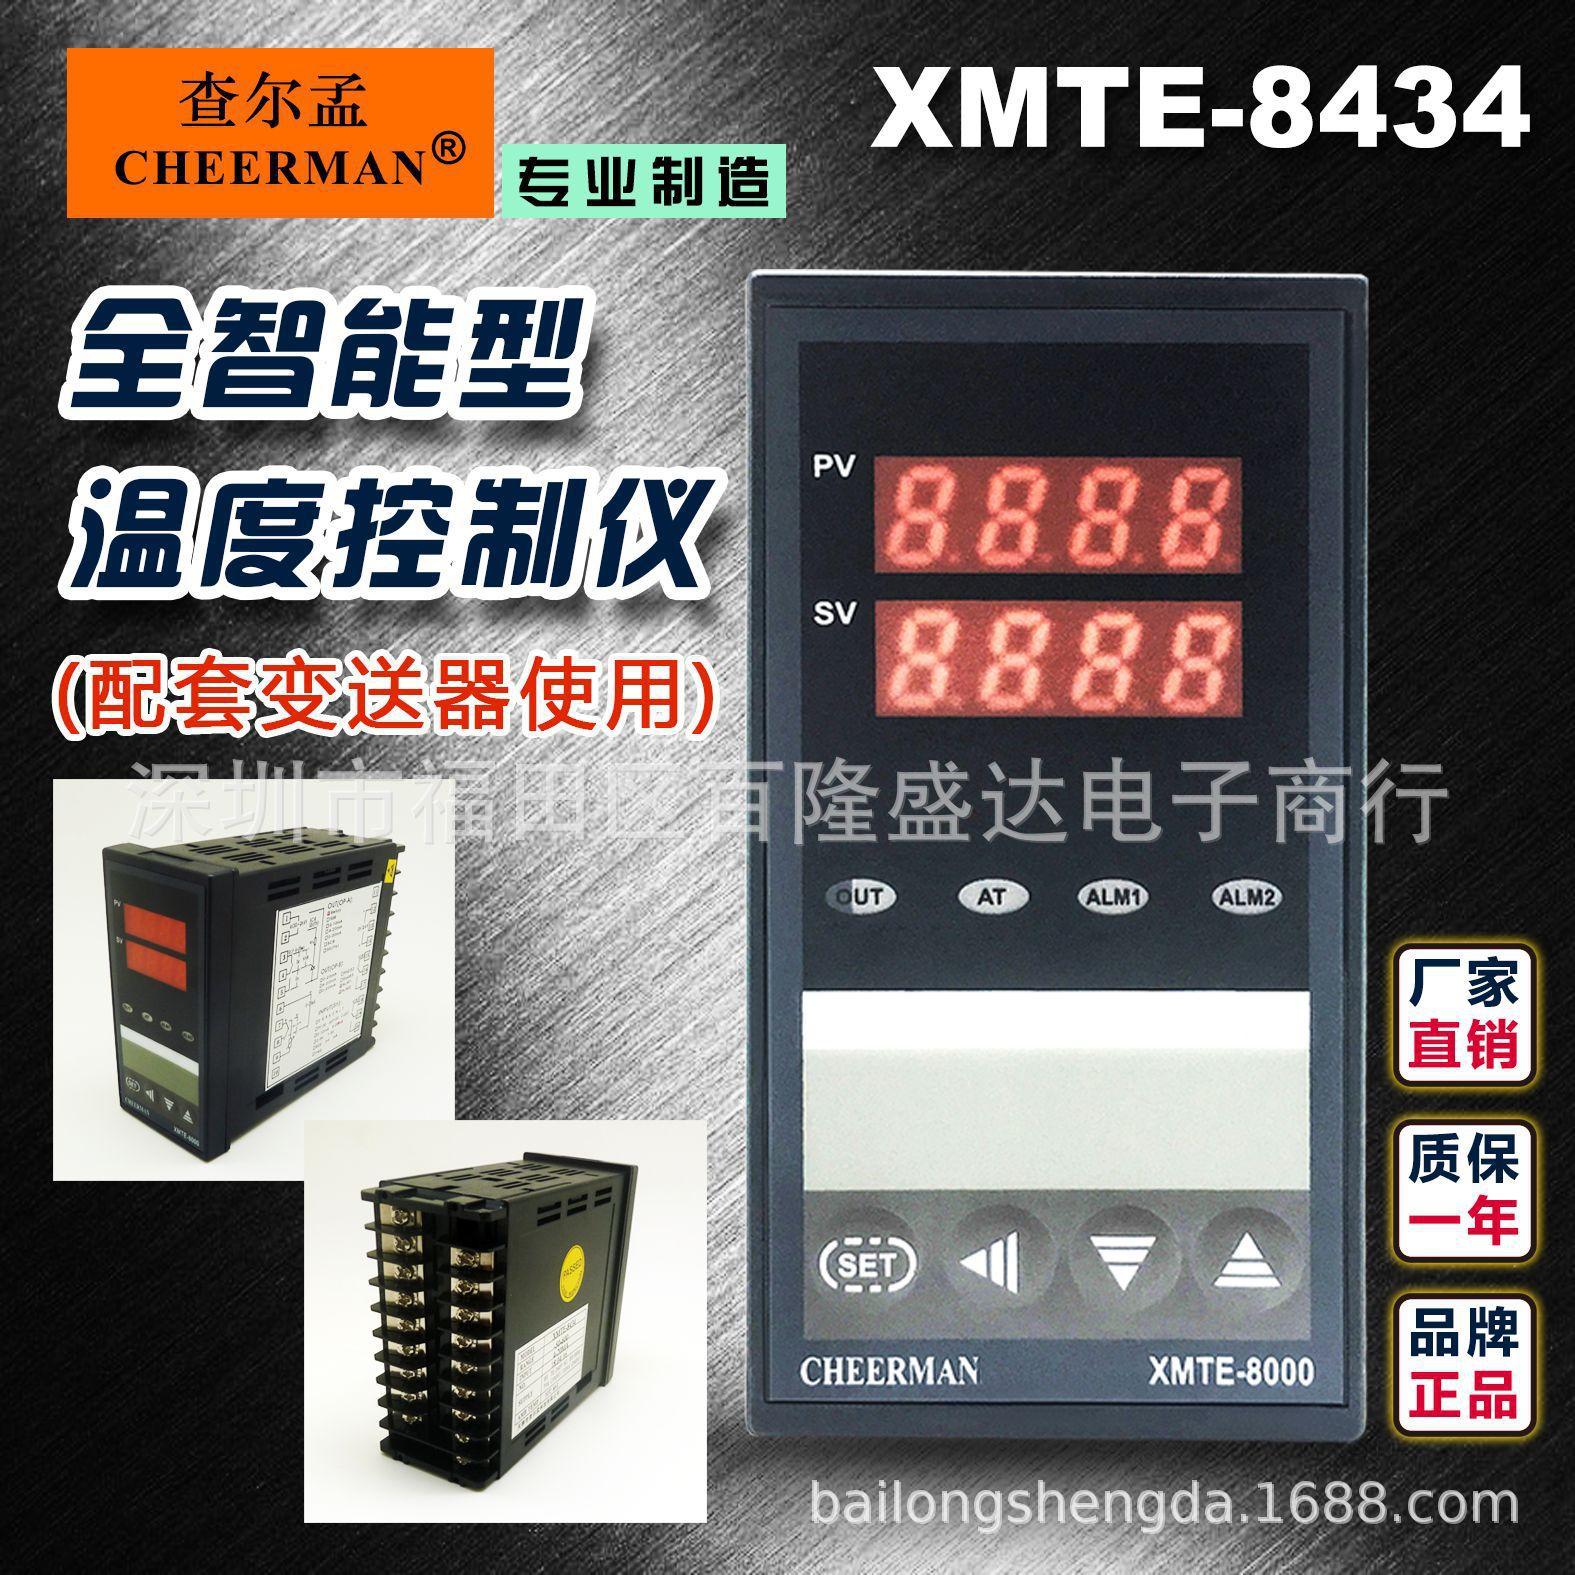 XMT-8000智能控制器 模拟 PID继电器 固态 移向触发可控硅 电流